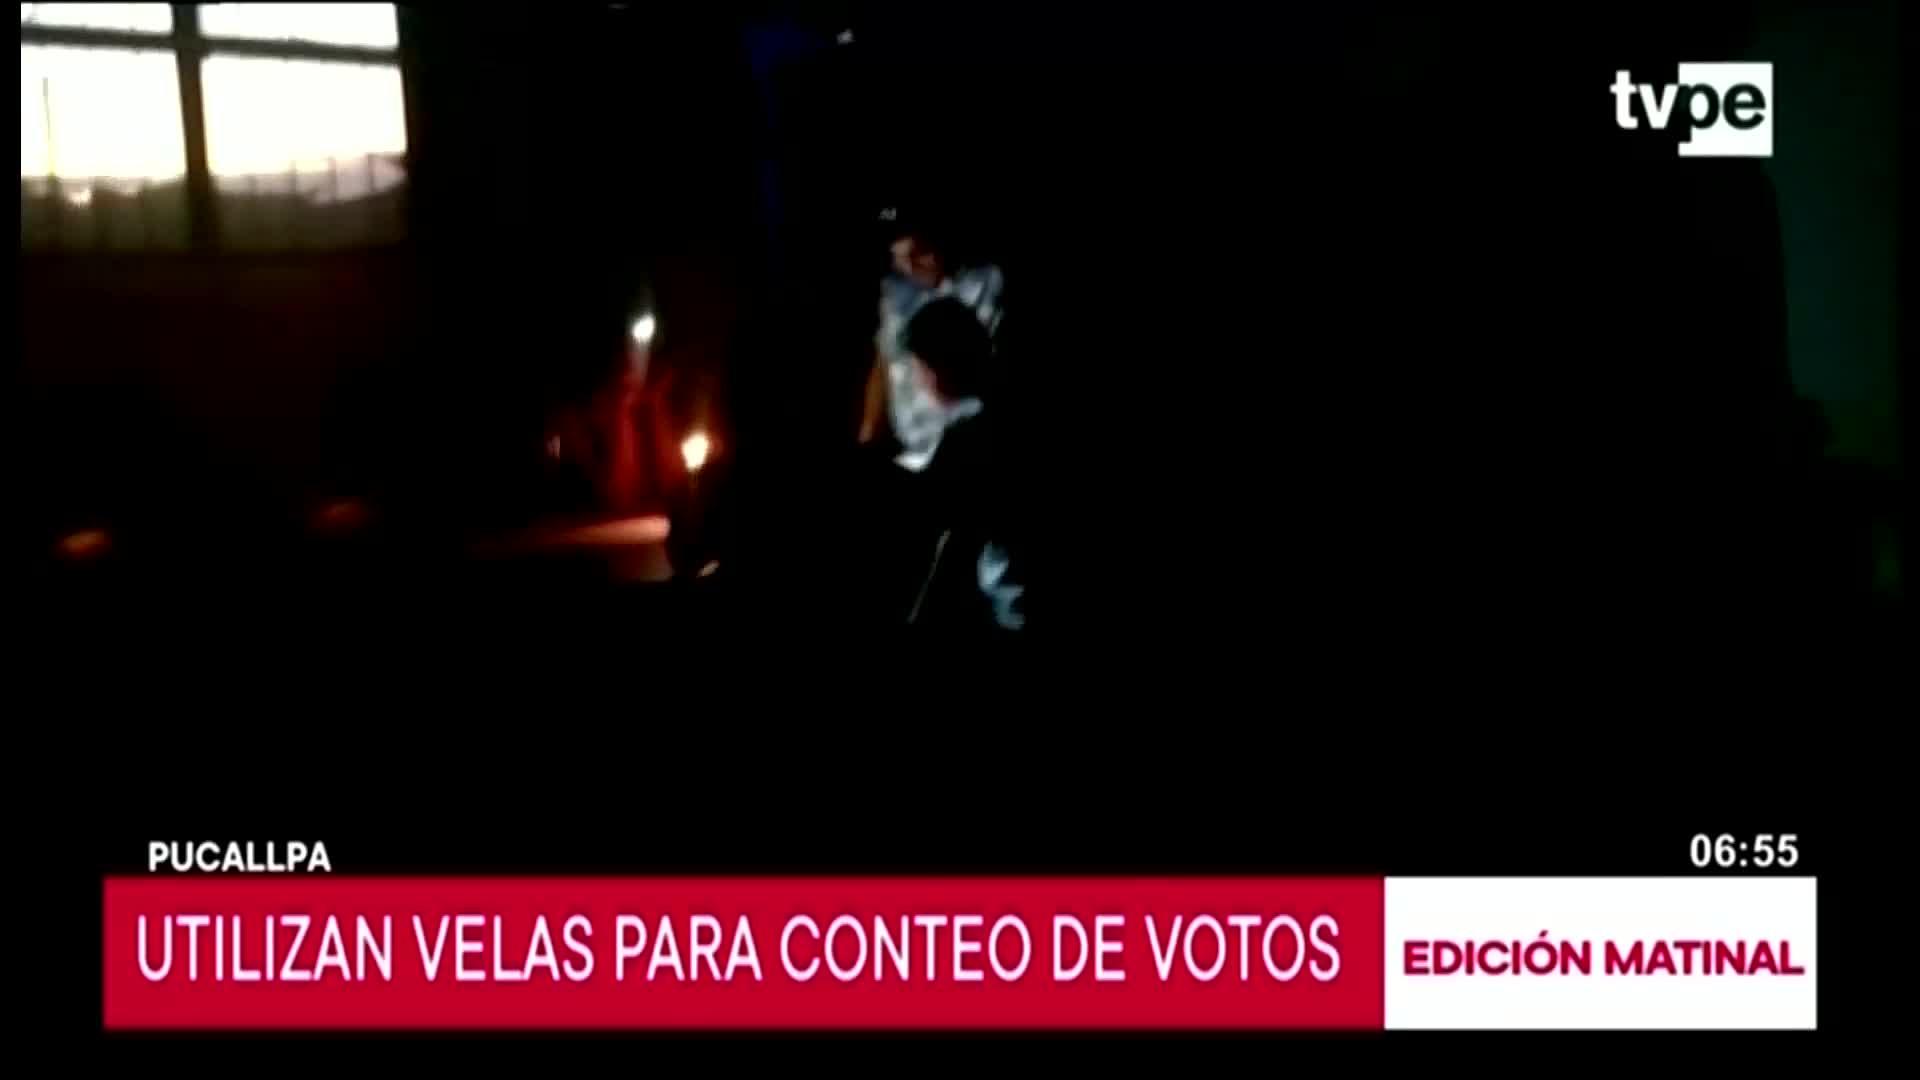 Elecciones 2020: Utilizan velas para conteo de votas en Pucallpa